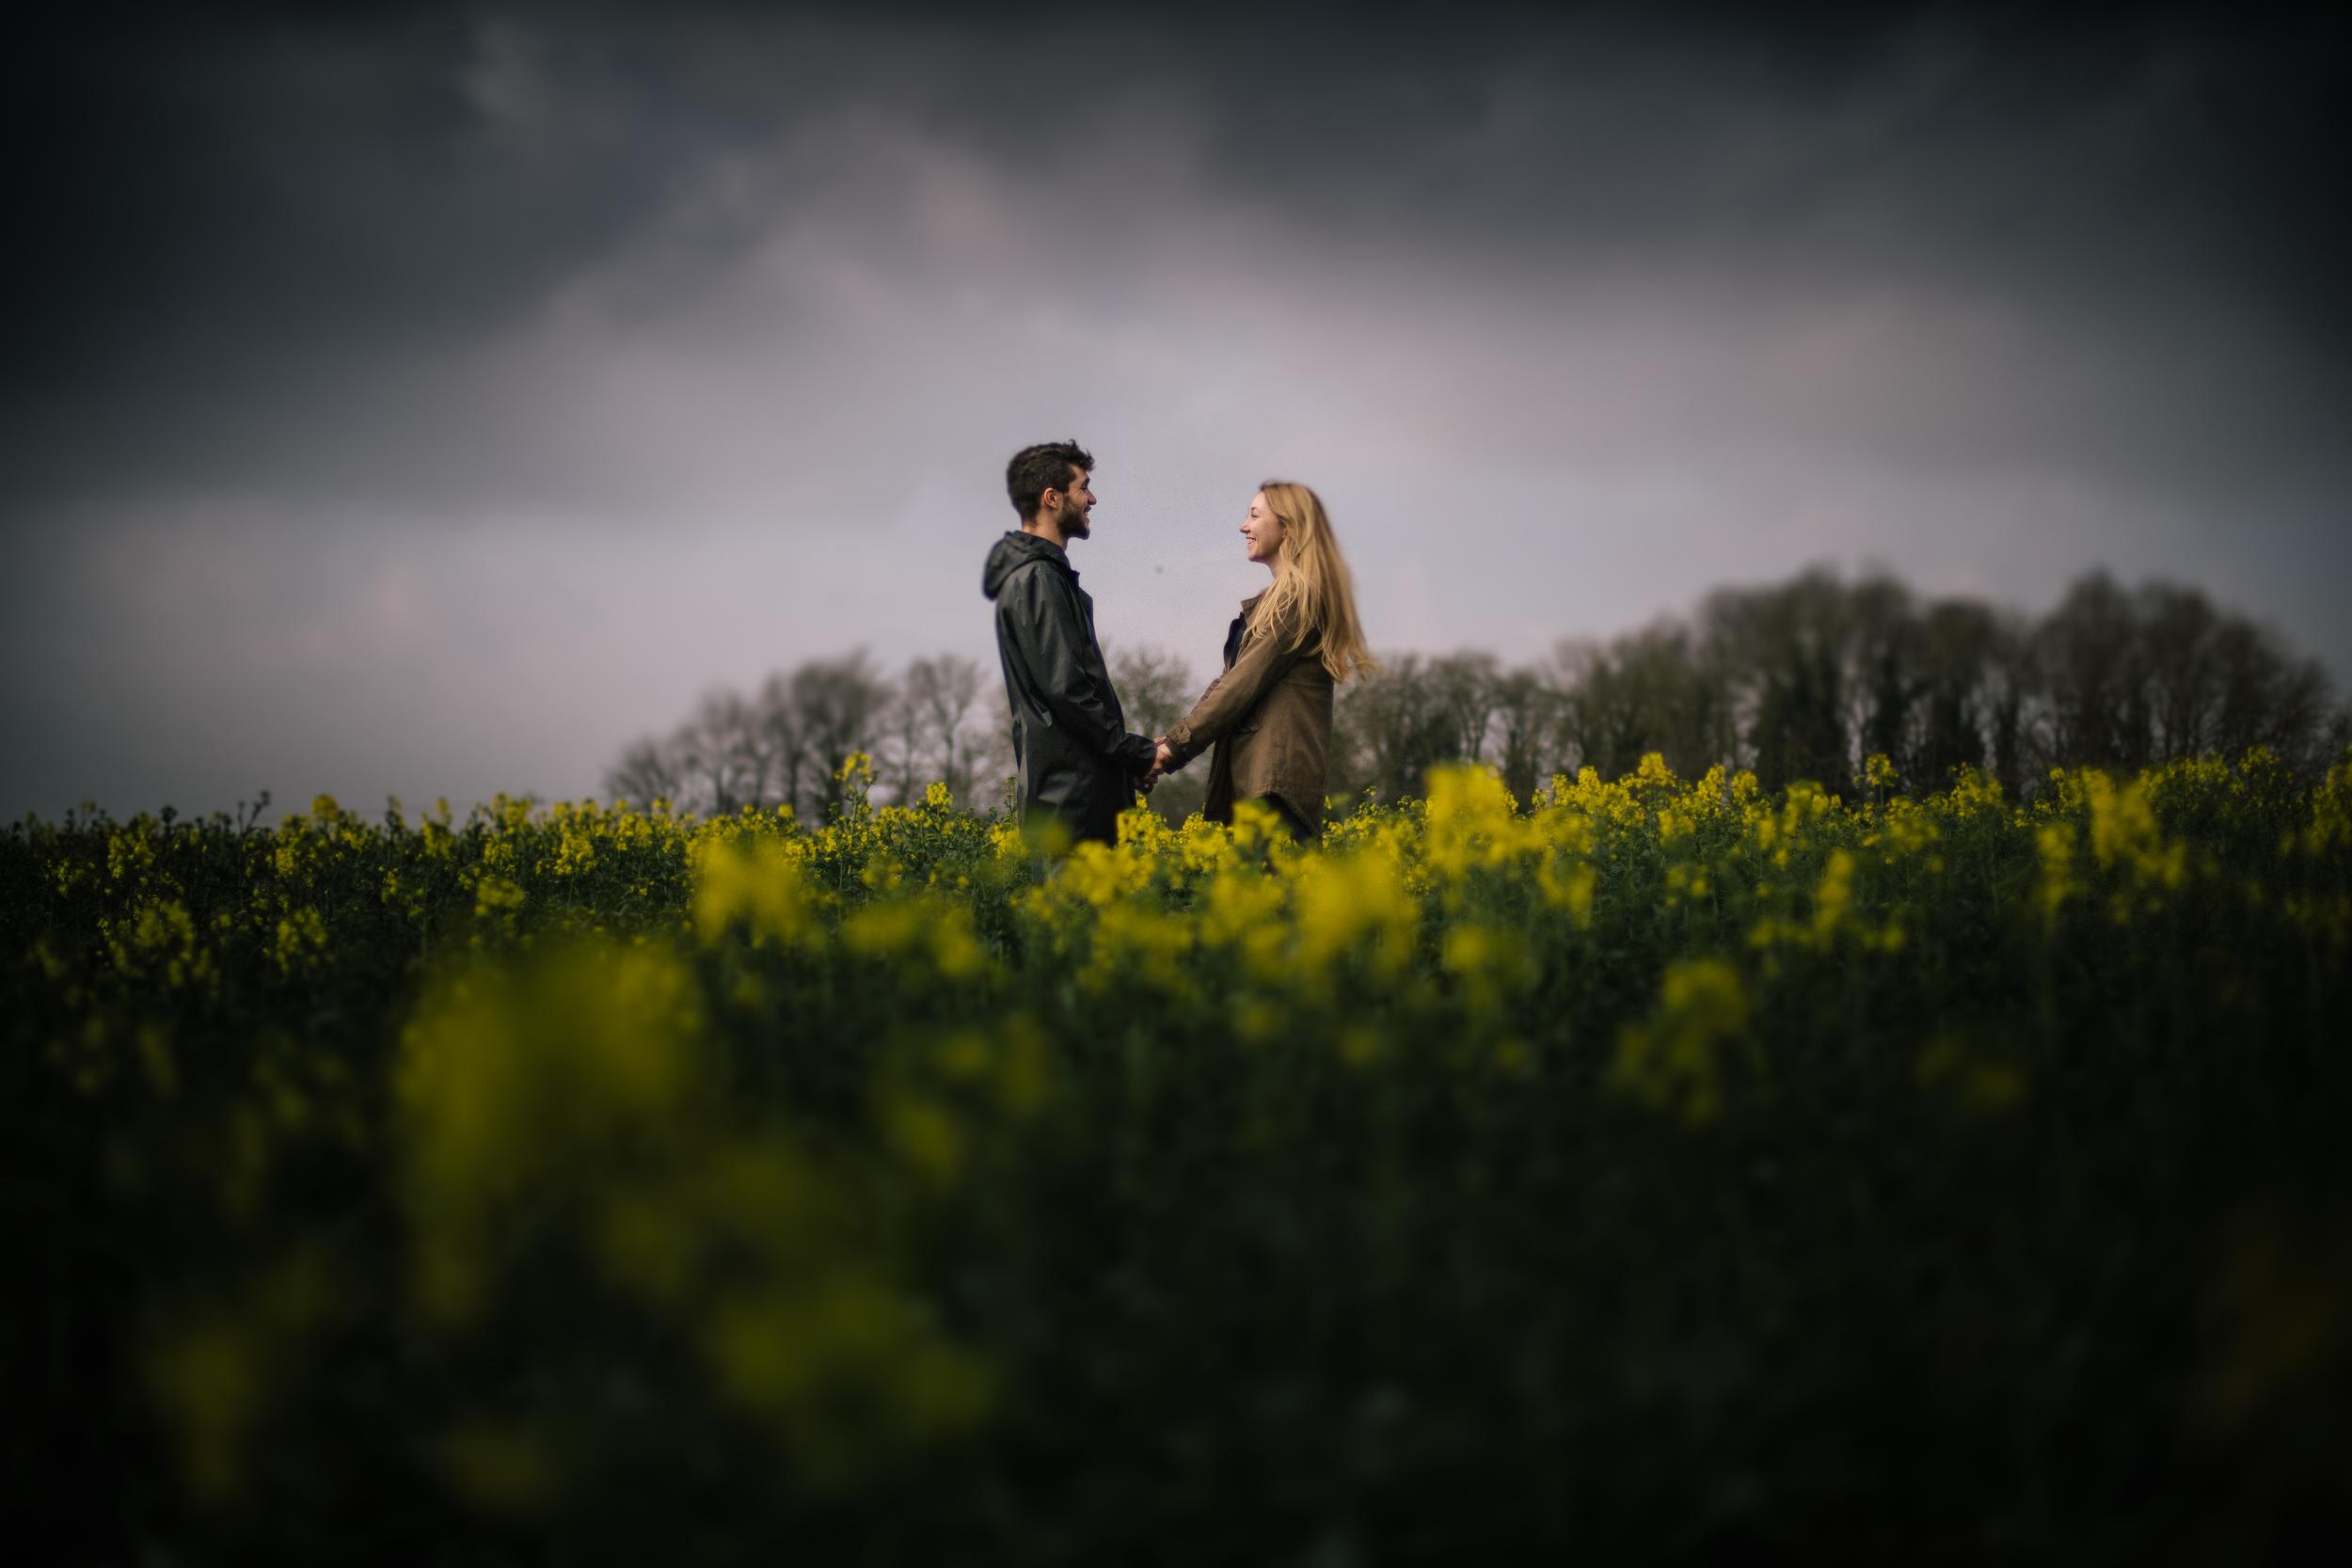 Pavenham-Bedfordshire-Engagement-Wedding-Photography-1